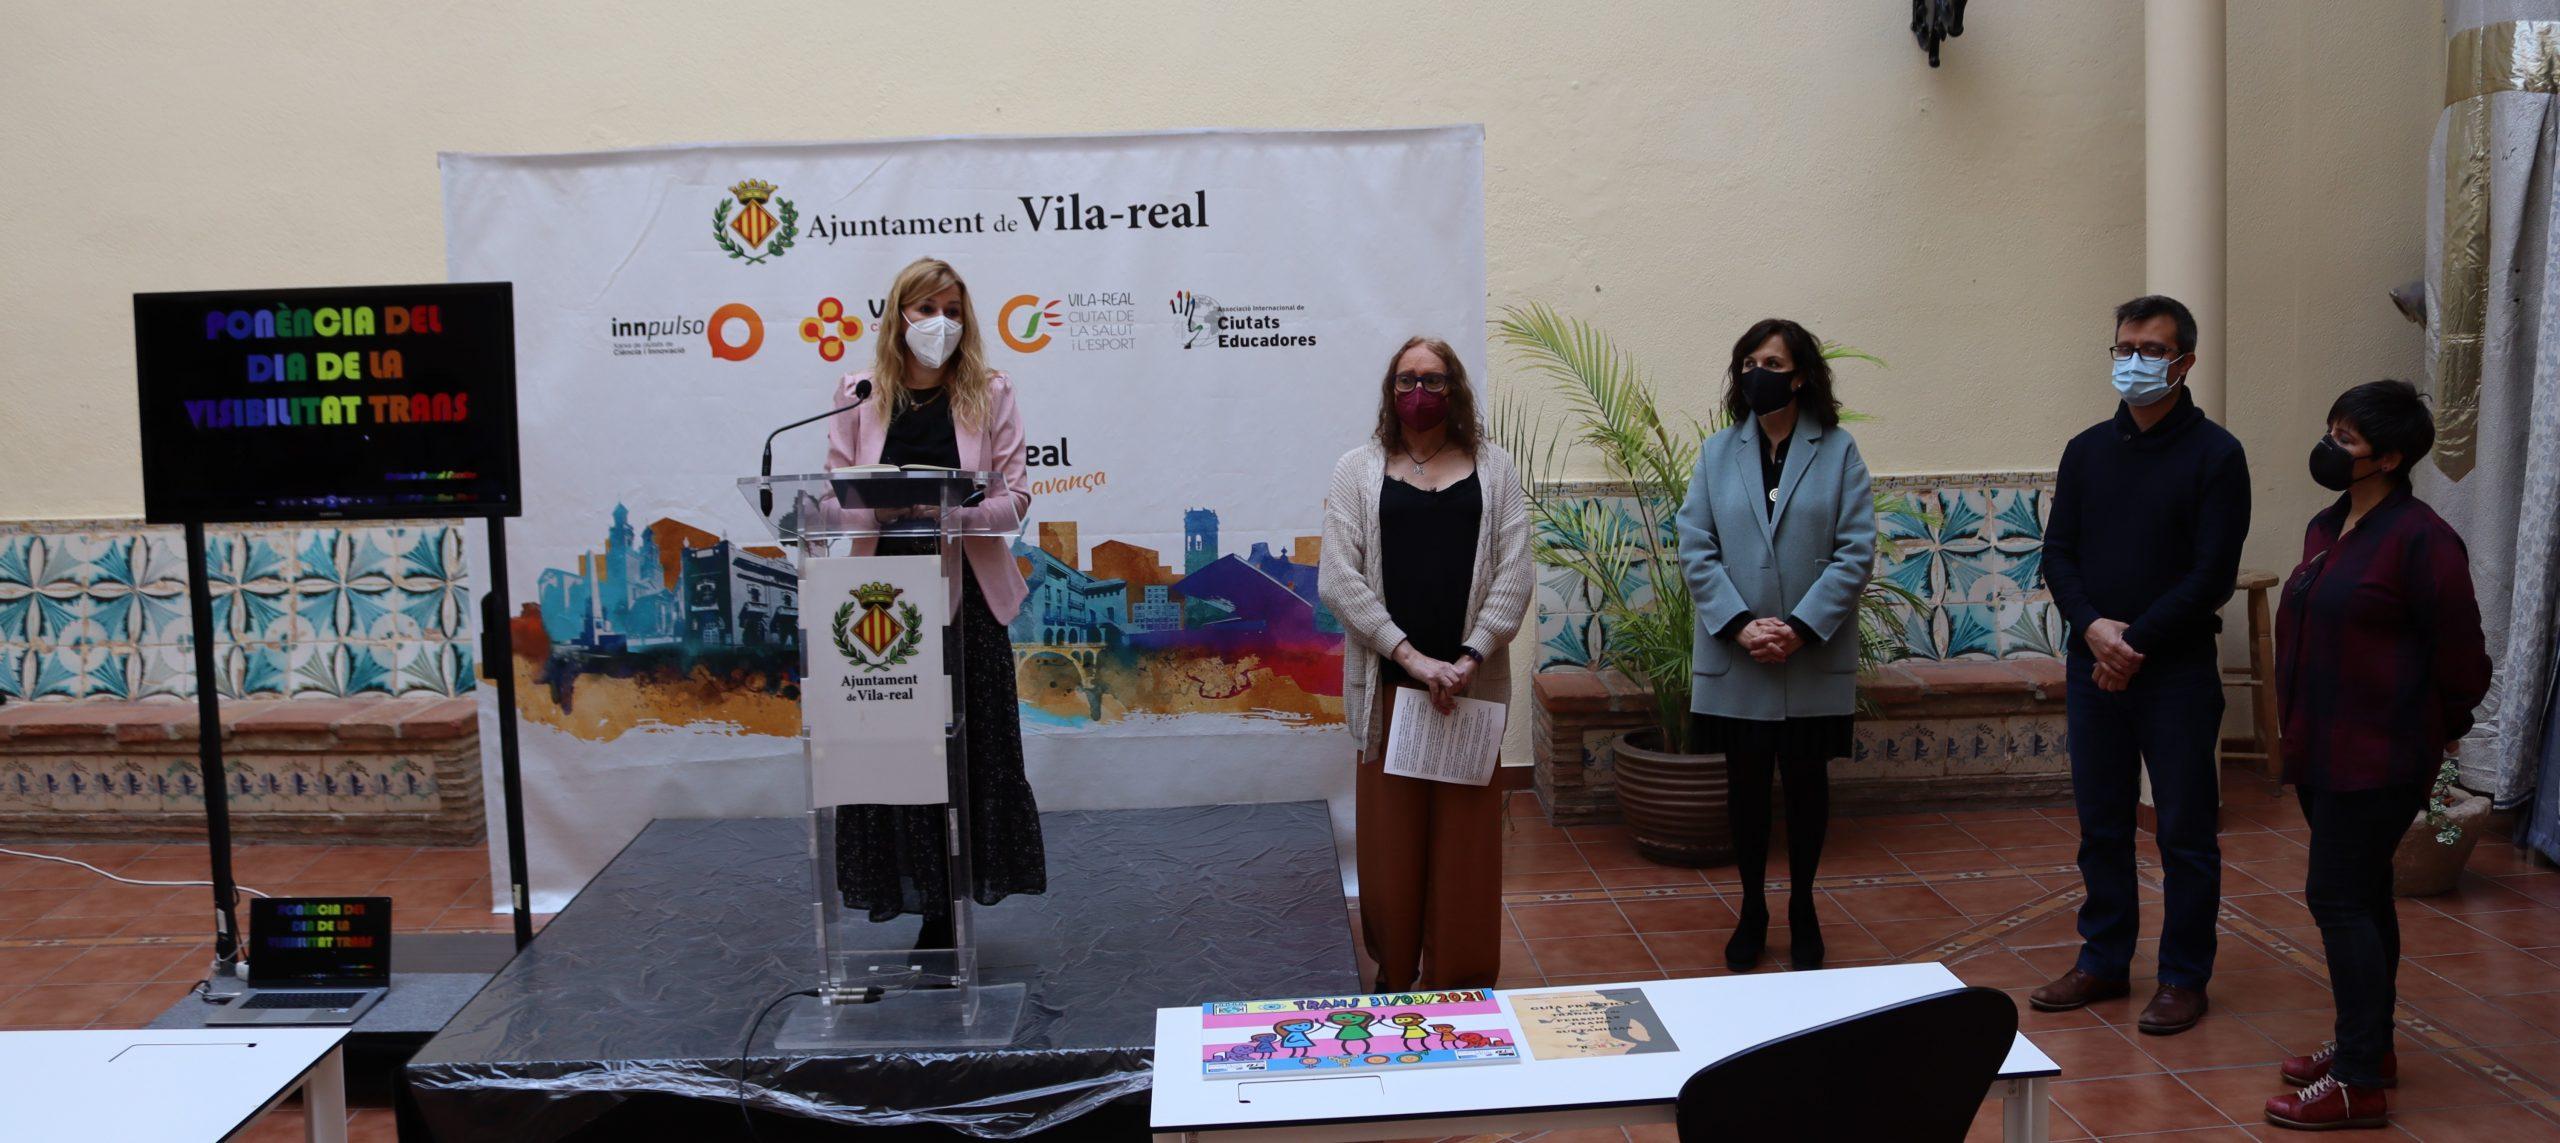 Vila-real se suma al Día de la Visibilidad de las Personas Trans con una guía práctica para asesorar al colectivo y sus familias